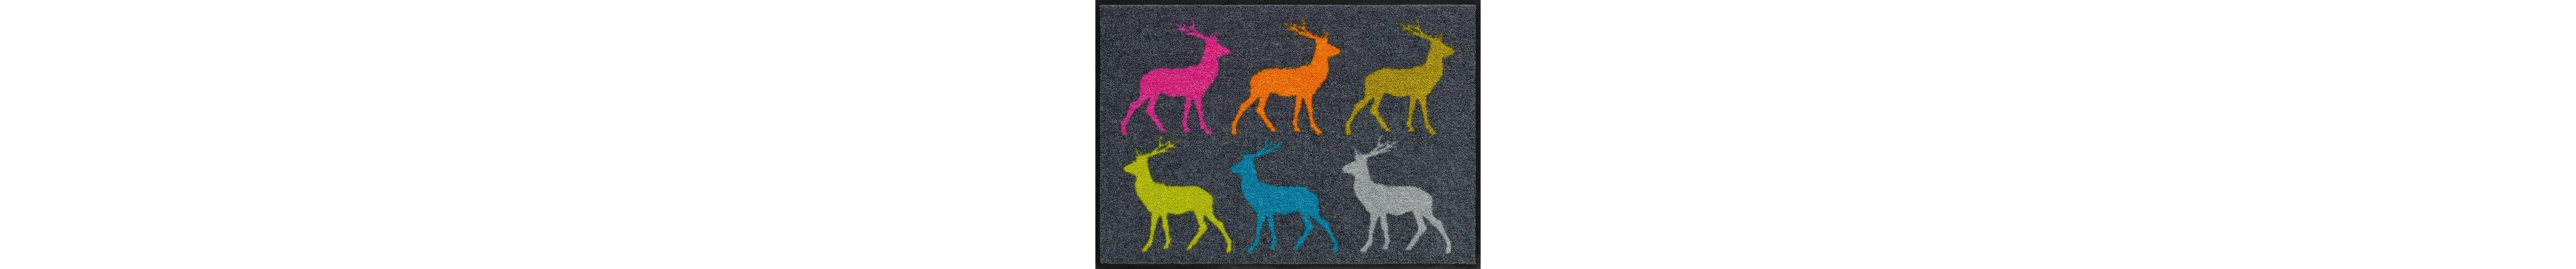 Fußmatte,Salonloewe, »Crossing Deer«, waschbar, In- und Outdoor mit rutschhemmender Beschichtung